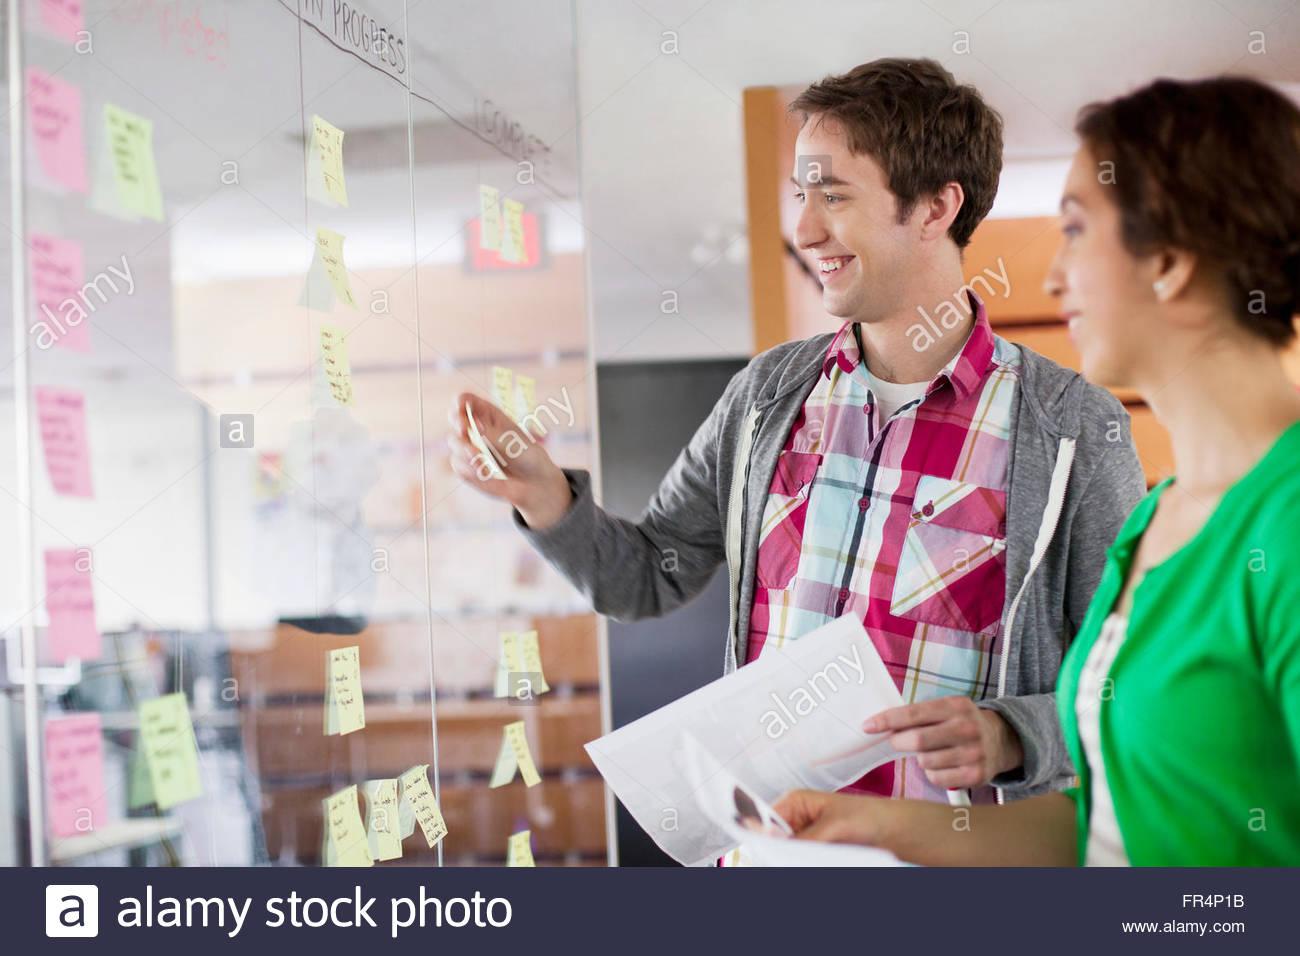 Mitarbeiter, die Planung ihrer Work-Flow-Strategie in einem modernen Büro Stockbild